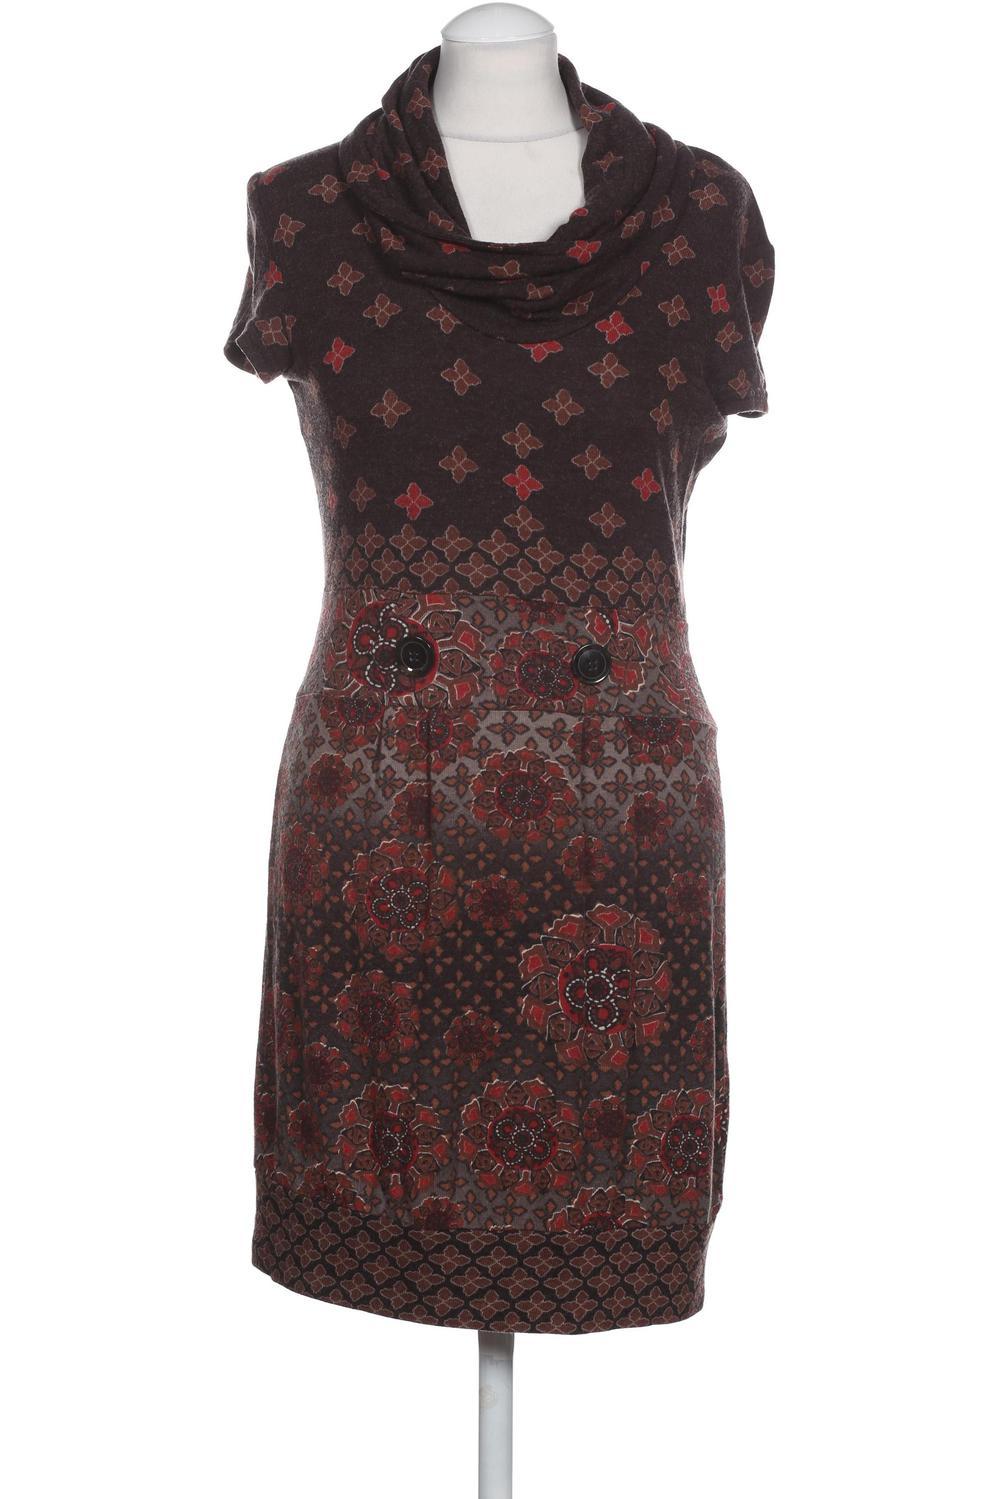 details zu taifungerry weber kleid damen dress damenkleid gr. s kein  etiket #afadeca